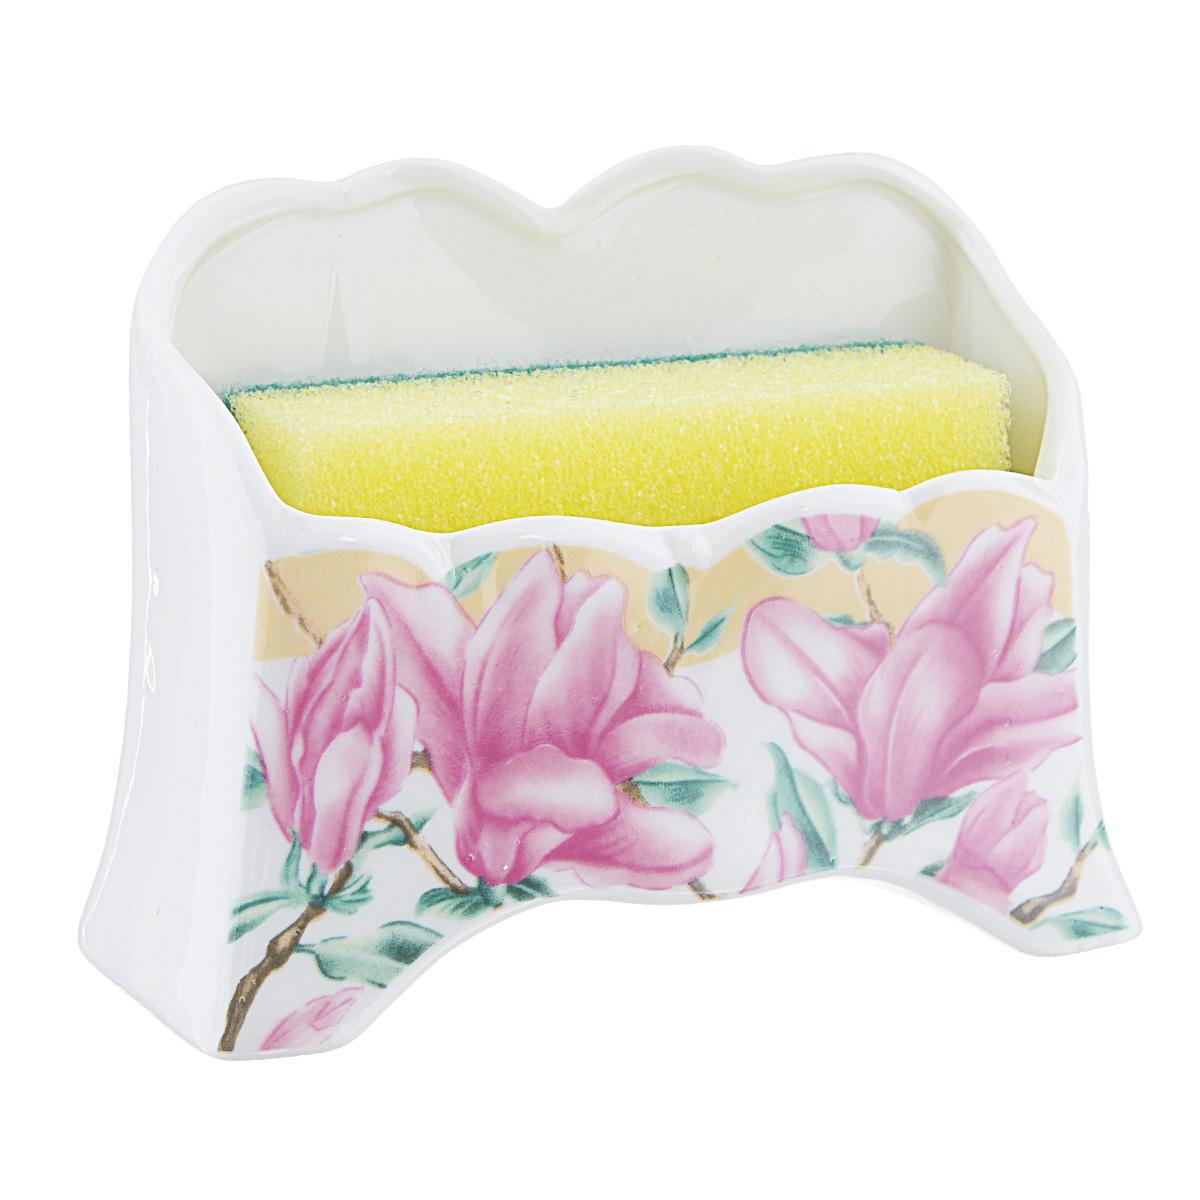 Набор для мытья посуды Saguro Розовая магнолия, 2 предметаES-412Подставка Saguro Розовая магнолия изготовлена из высококачественного фарфора и оформлена изображением цветов. В комплект с подставкой входит губка для мытья посуды. Изящная подставка прекрасно впишется в интерьер вашей кухни. Не применять абразивные моющие средства. Размер подставки: 12,5 см х 5 см х 8,5 см.